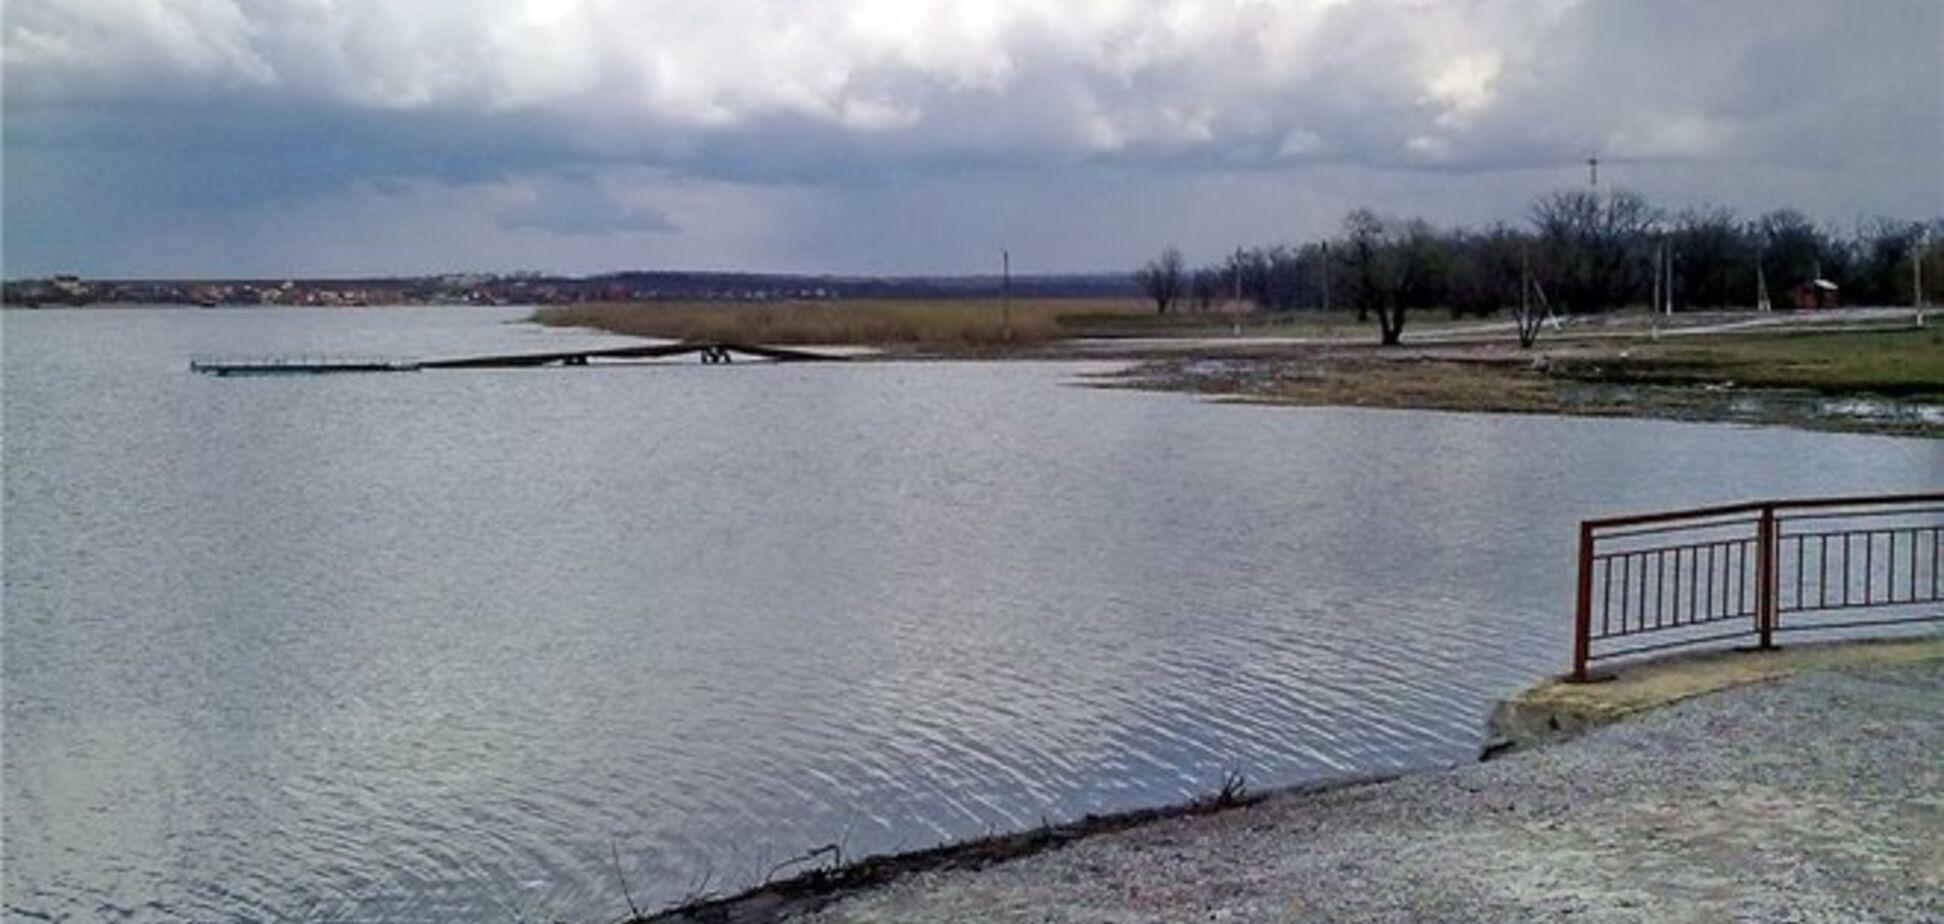 СБУ заявила, что террористы могут подорвать Карловское водохранилище на Донбассе